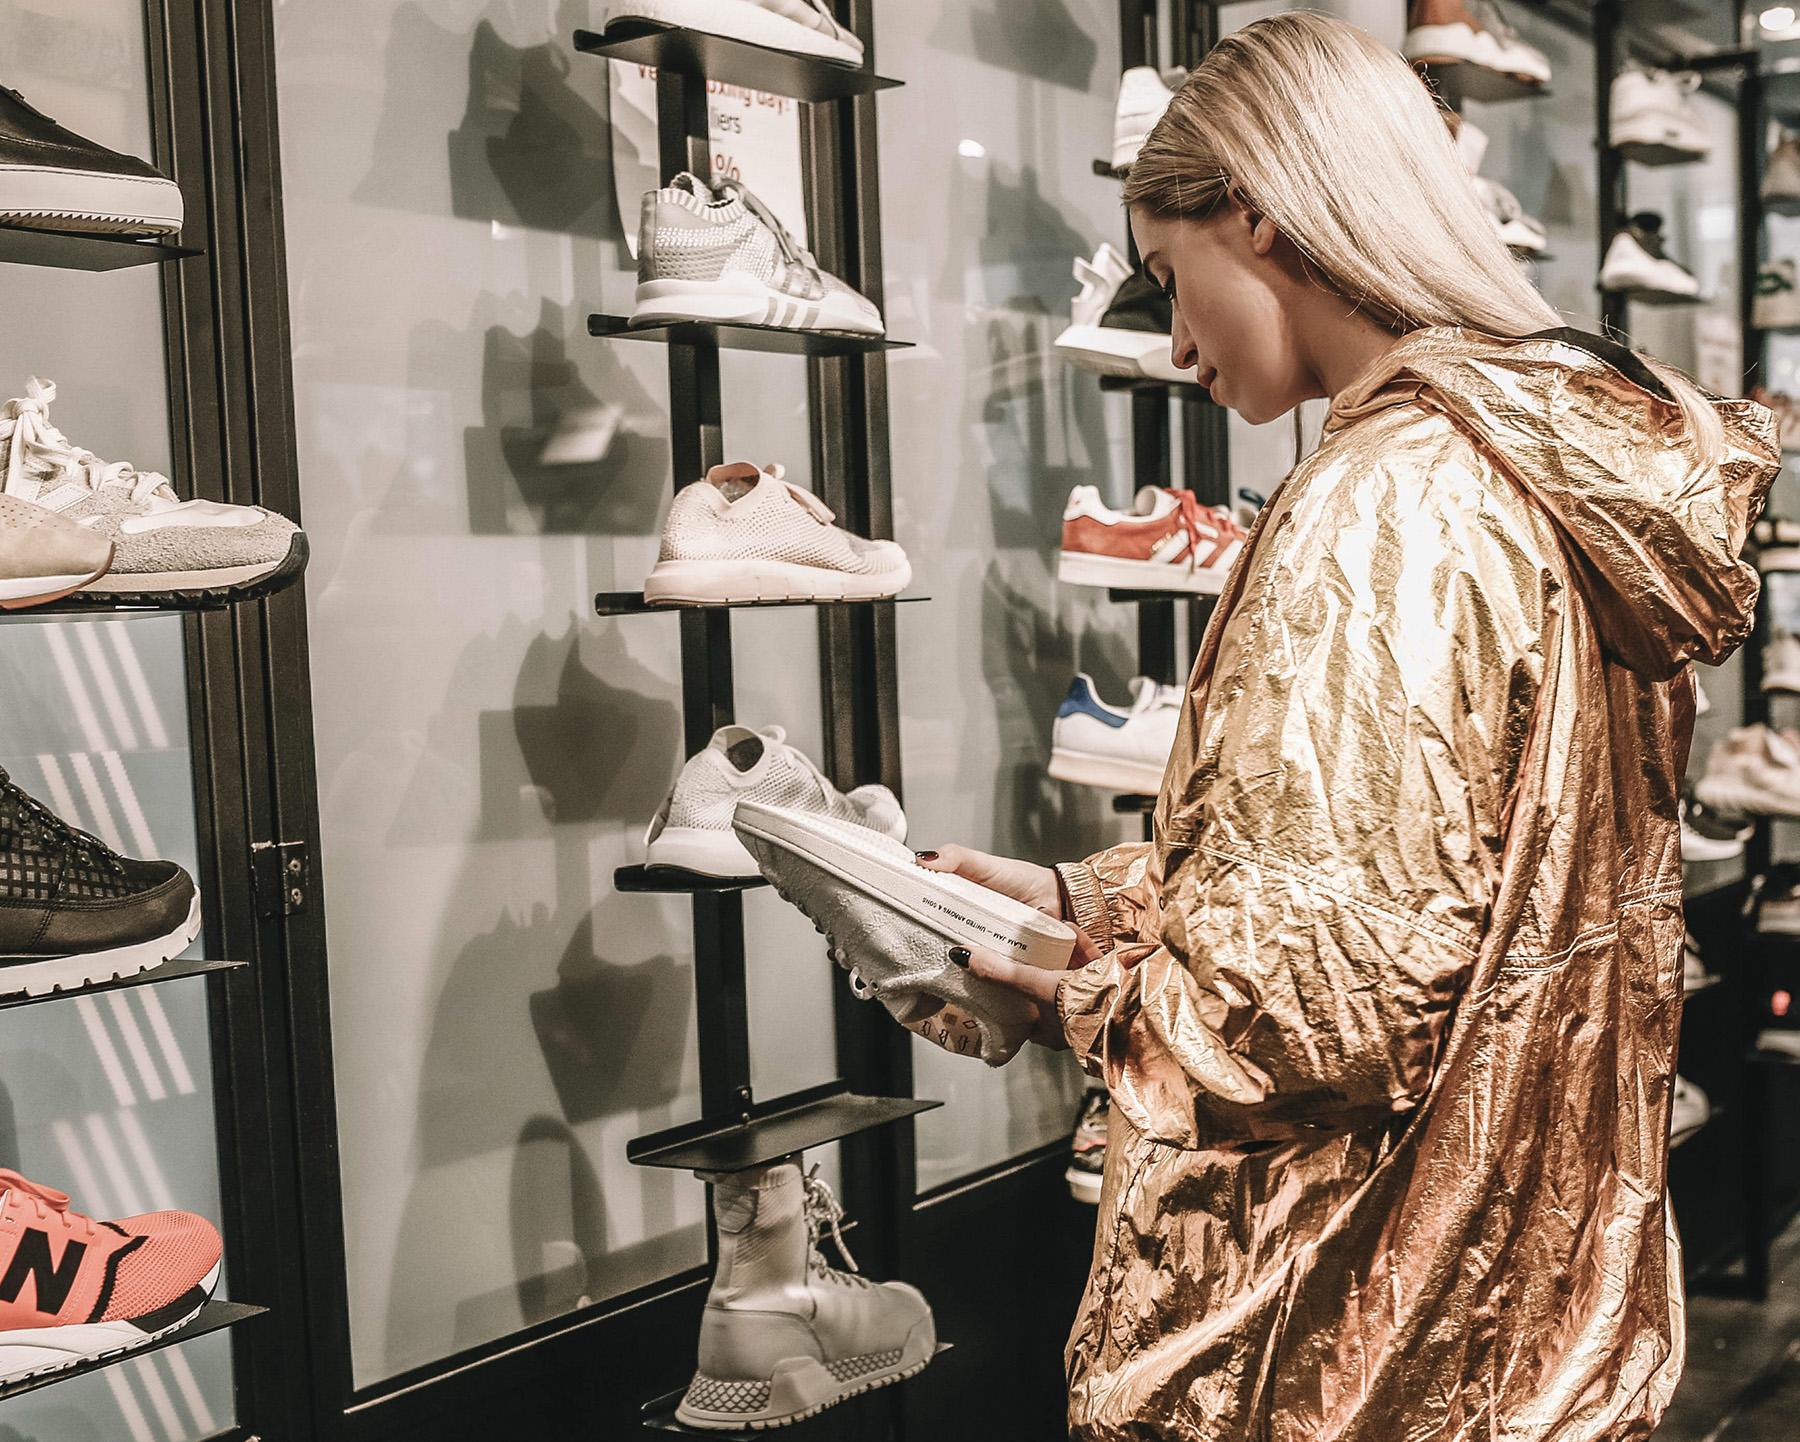 Une femme regardant des chaussures dans un magasin